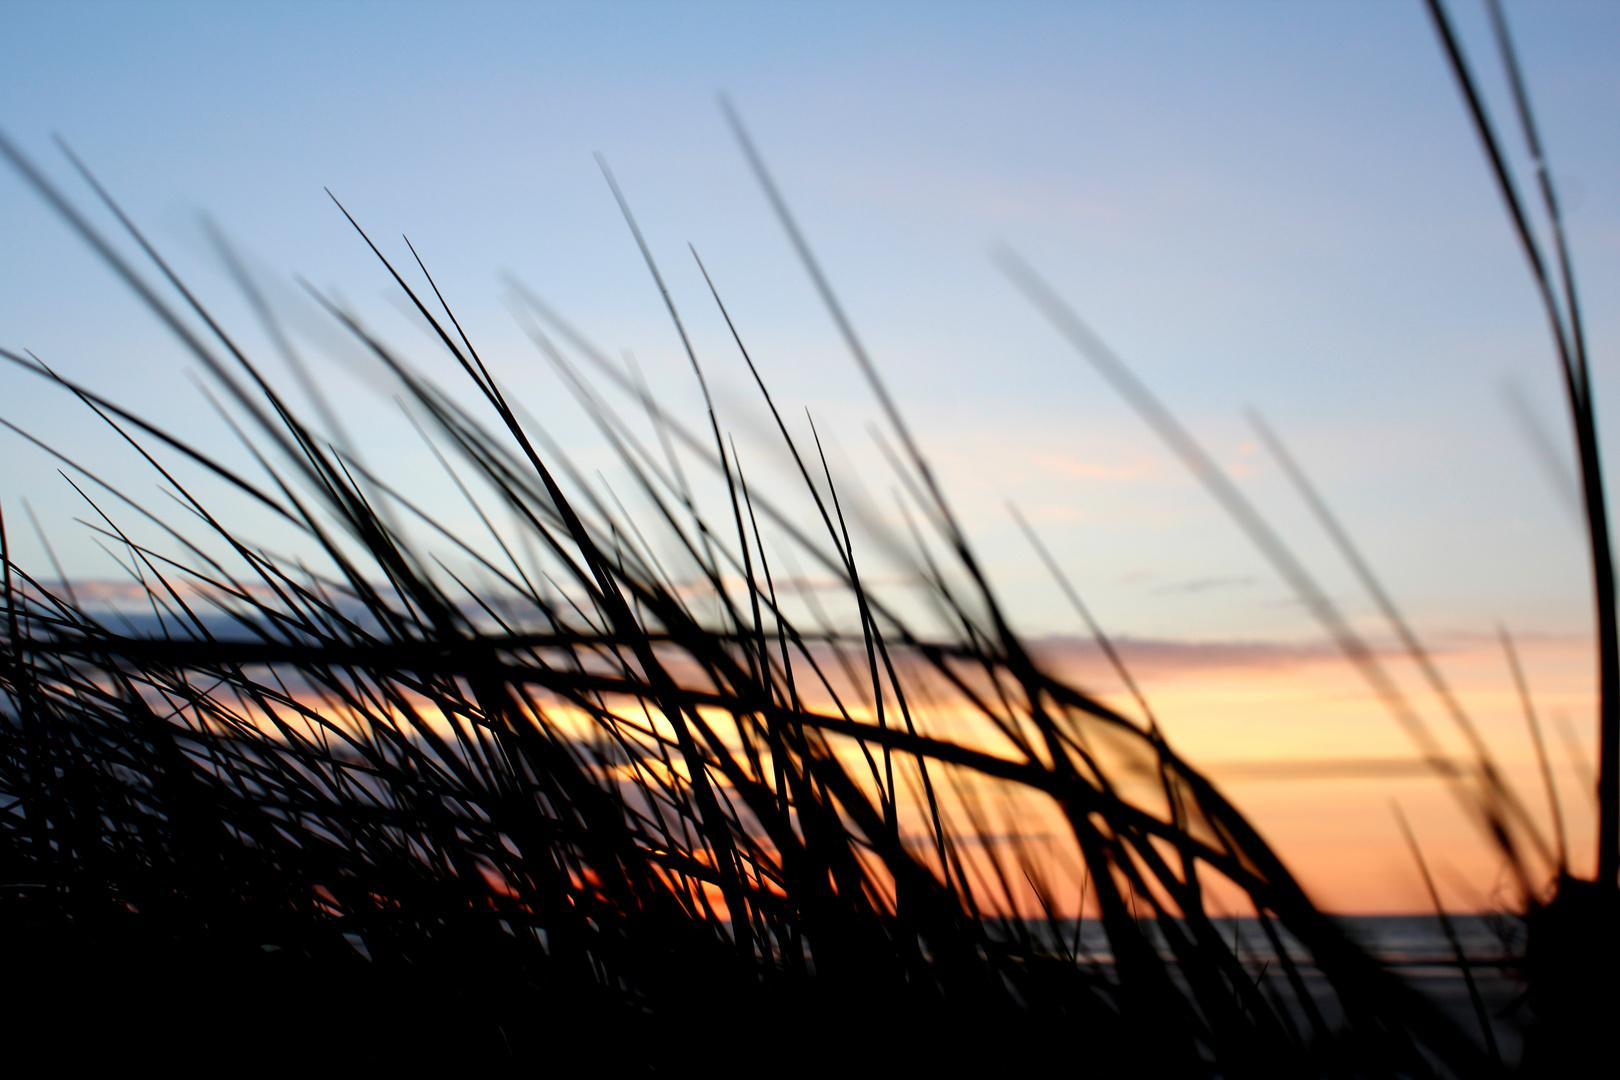 Leise rauscht das Meer hinter den Dünen